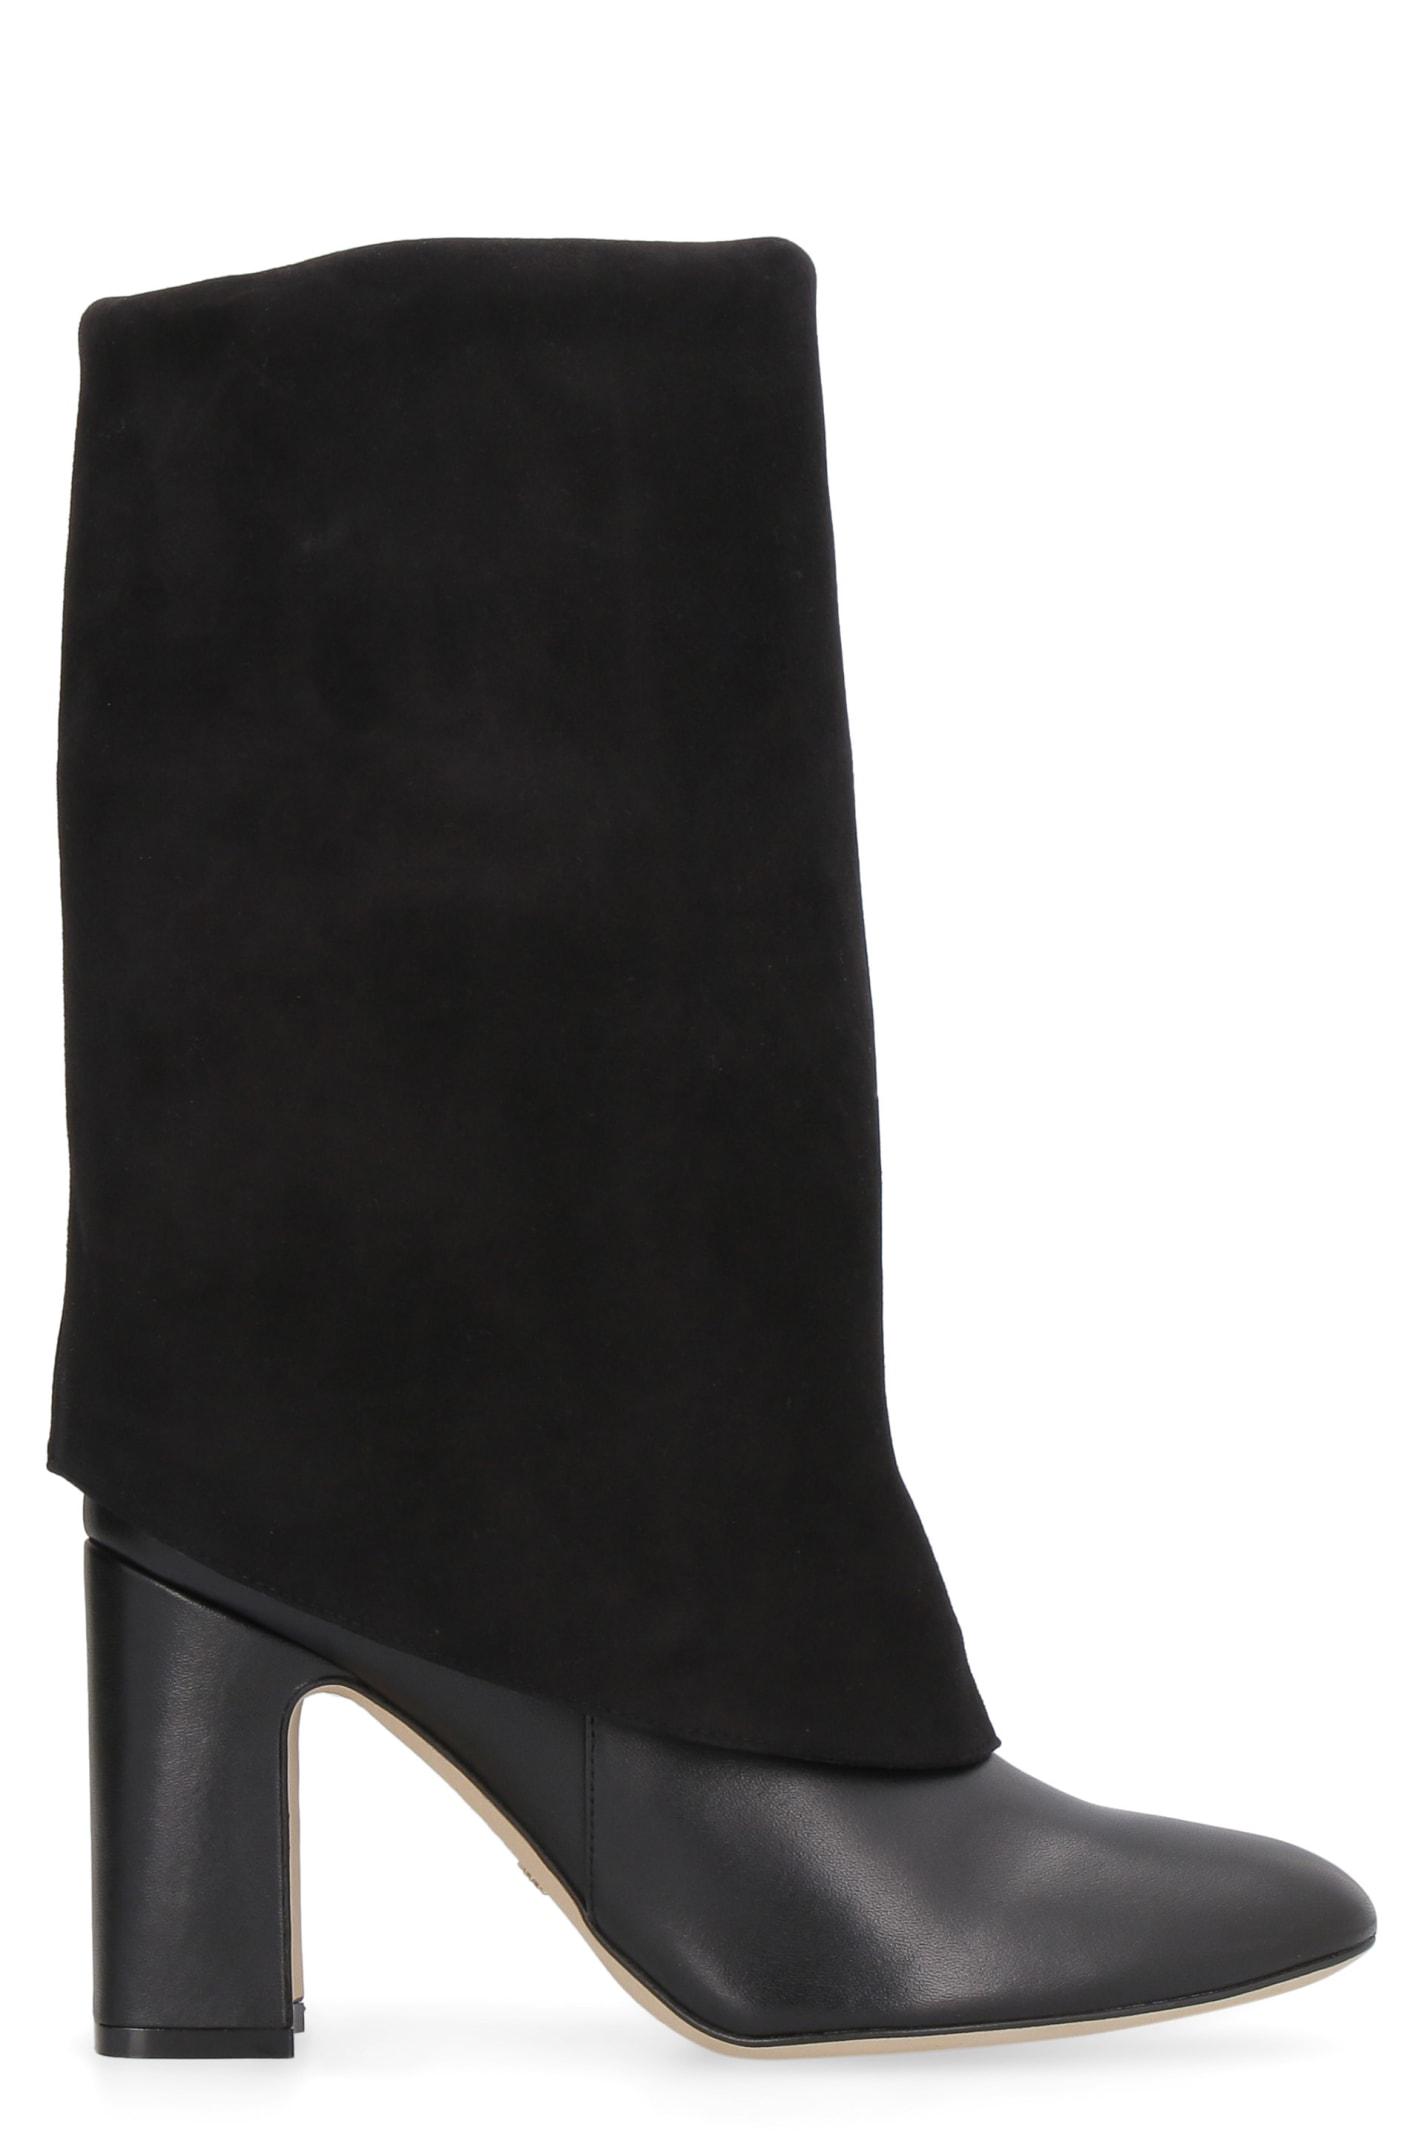 Stuart Weitzman Lucinda Leather Boots